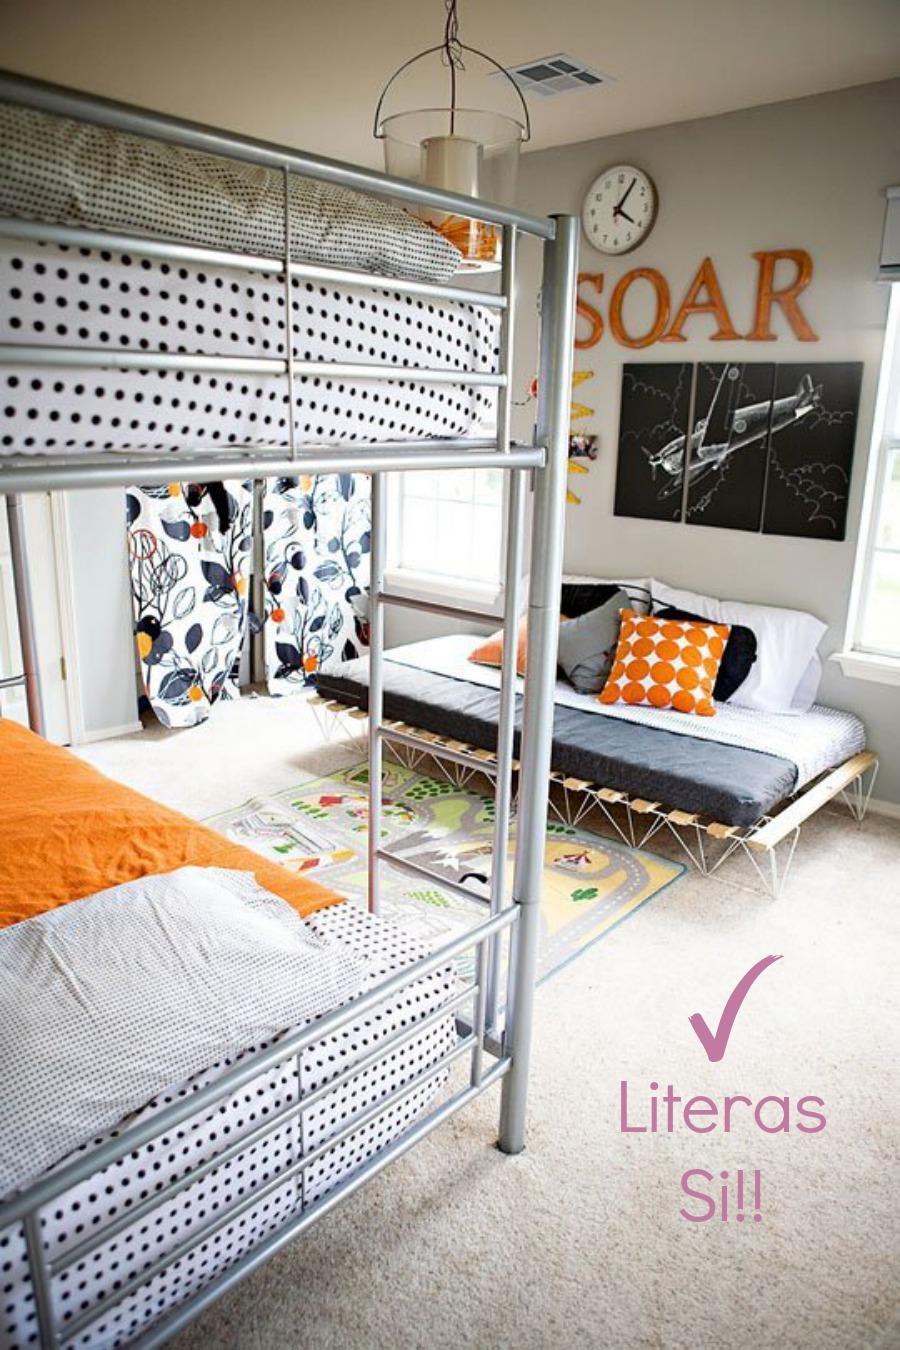 Literas habitación